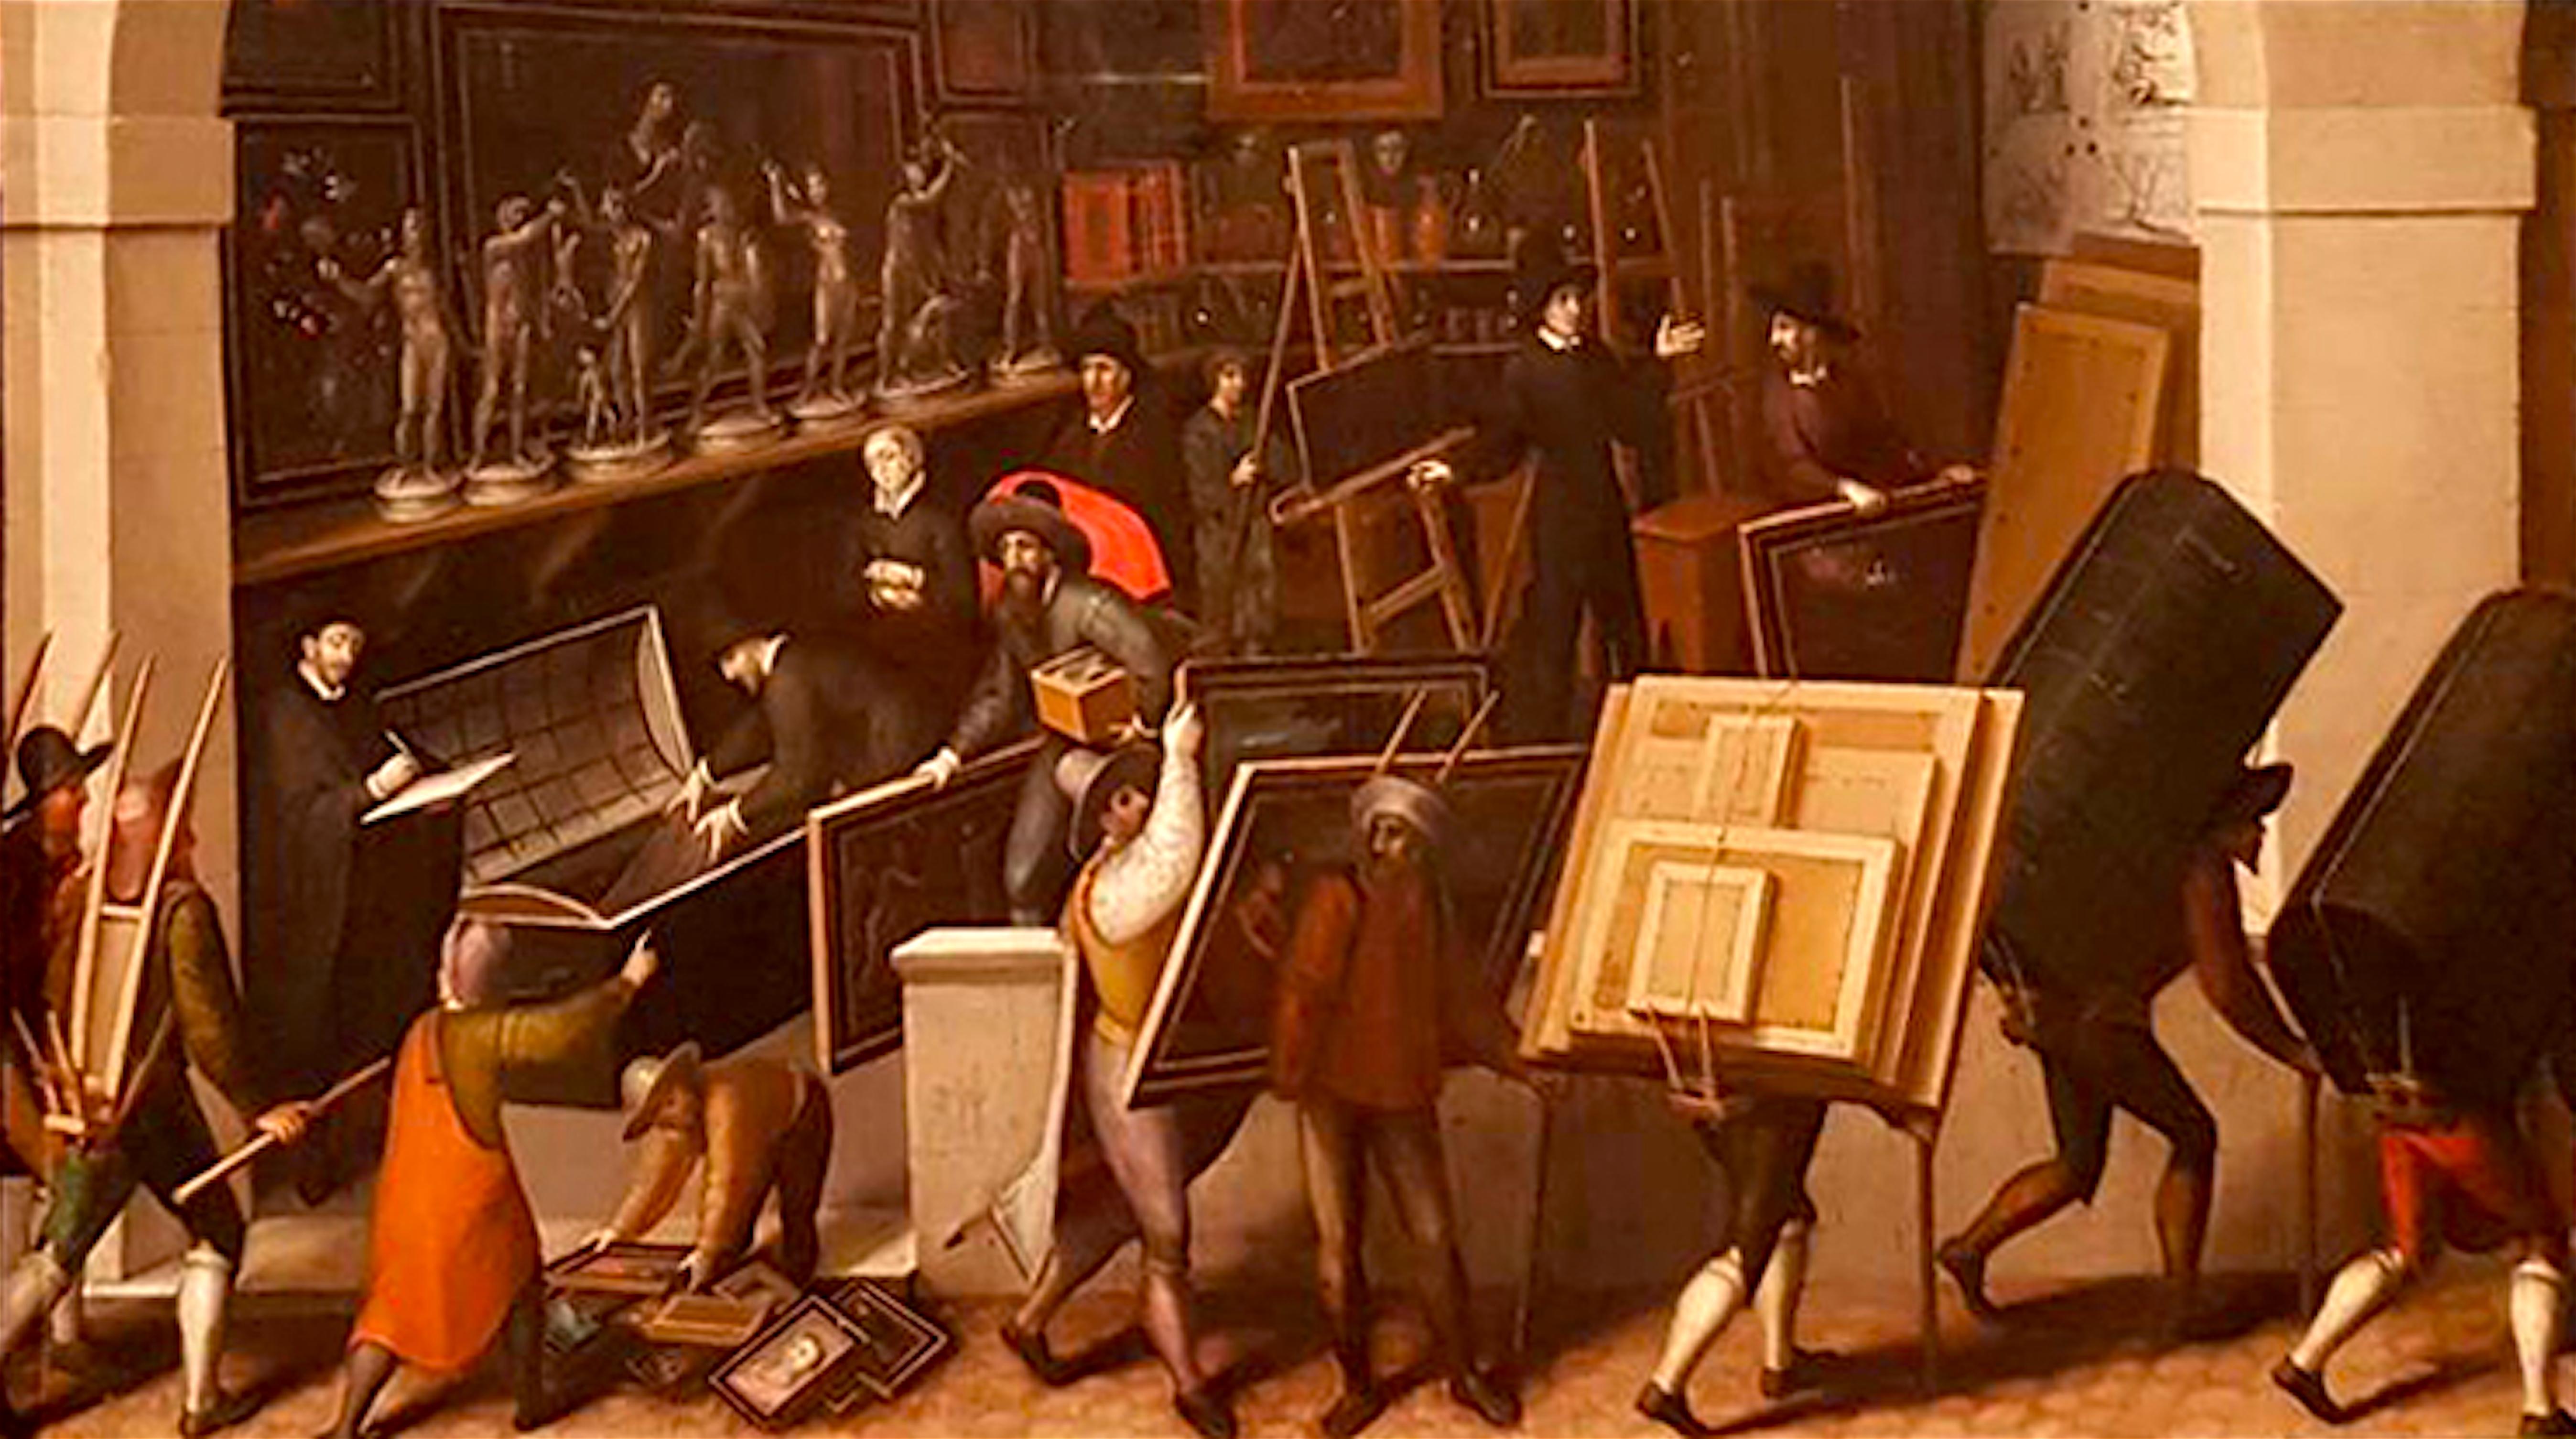 François Bunel – De inbeslagname van het atelier van een schilder